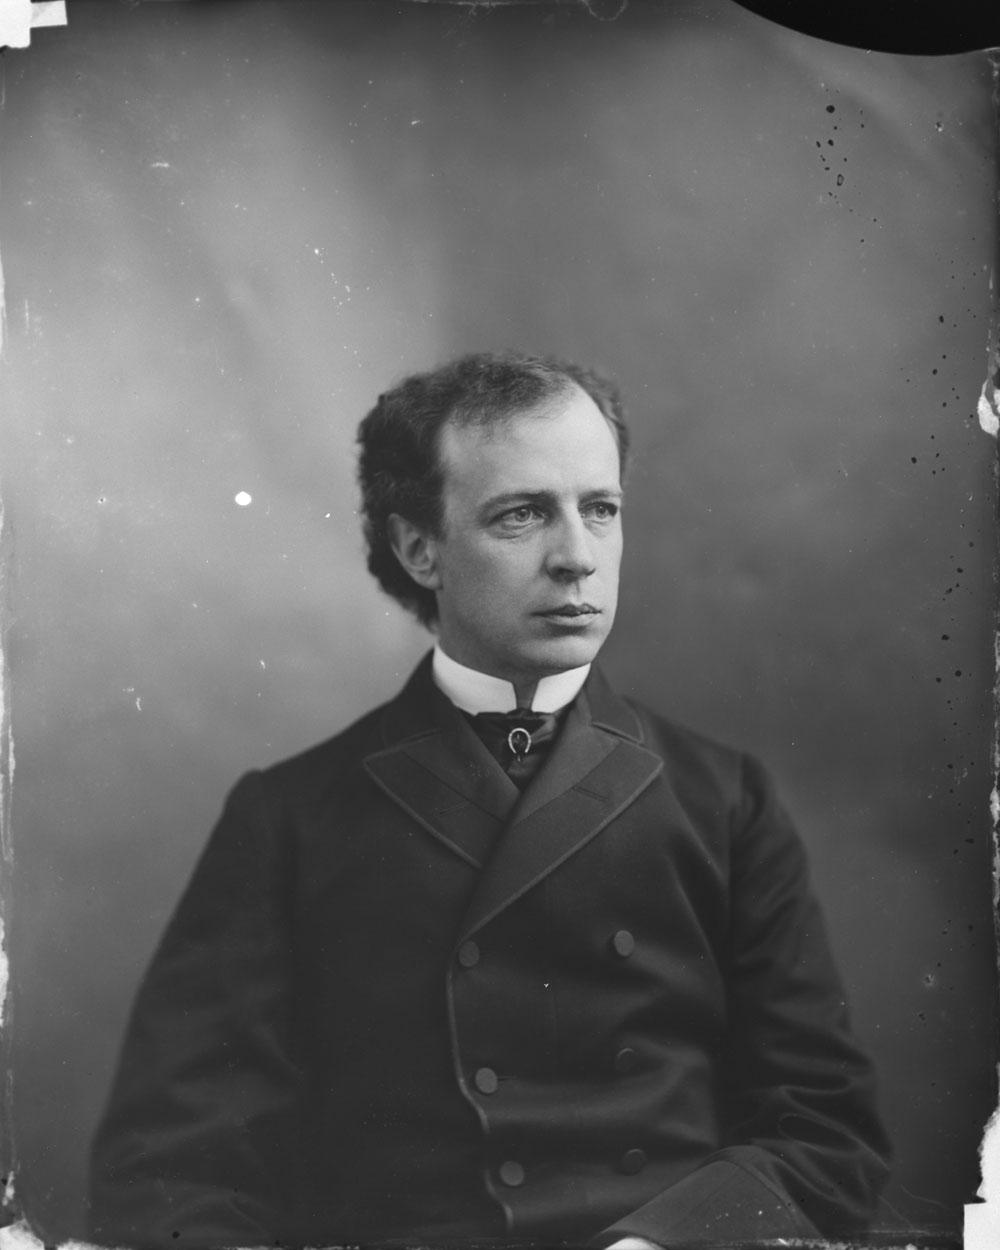 Photo noir et blanc d'un homme assis, vêtu d'un complet.